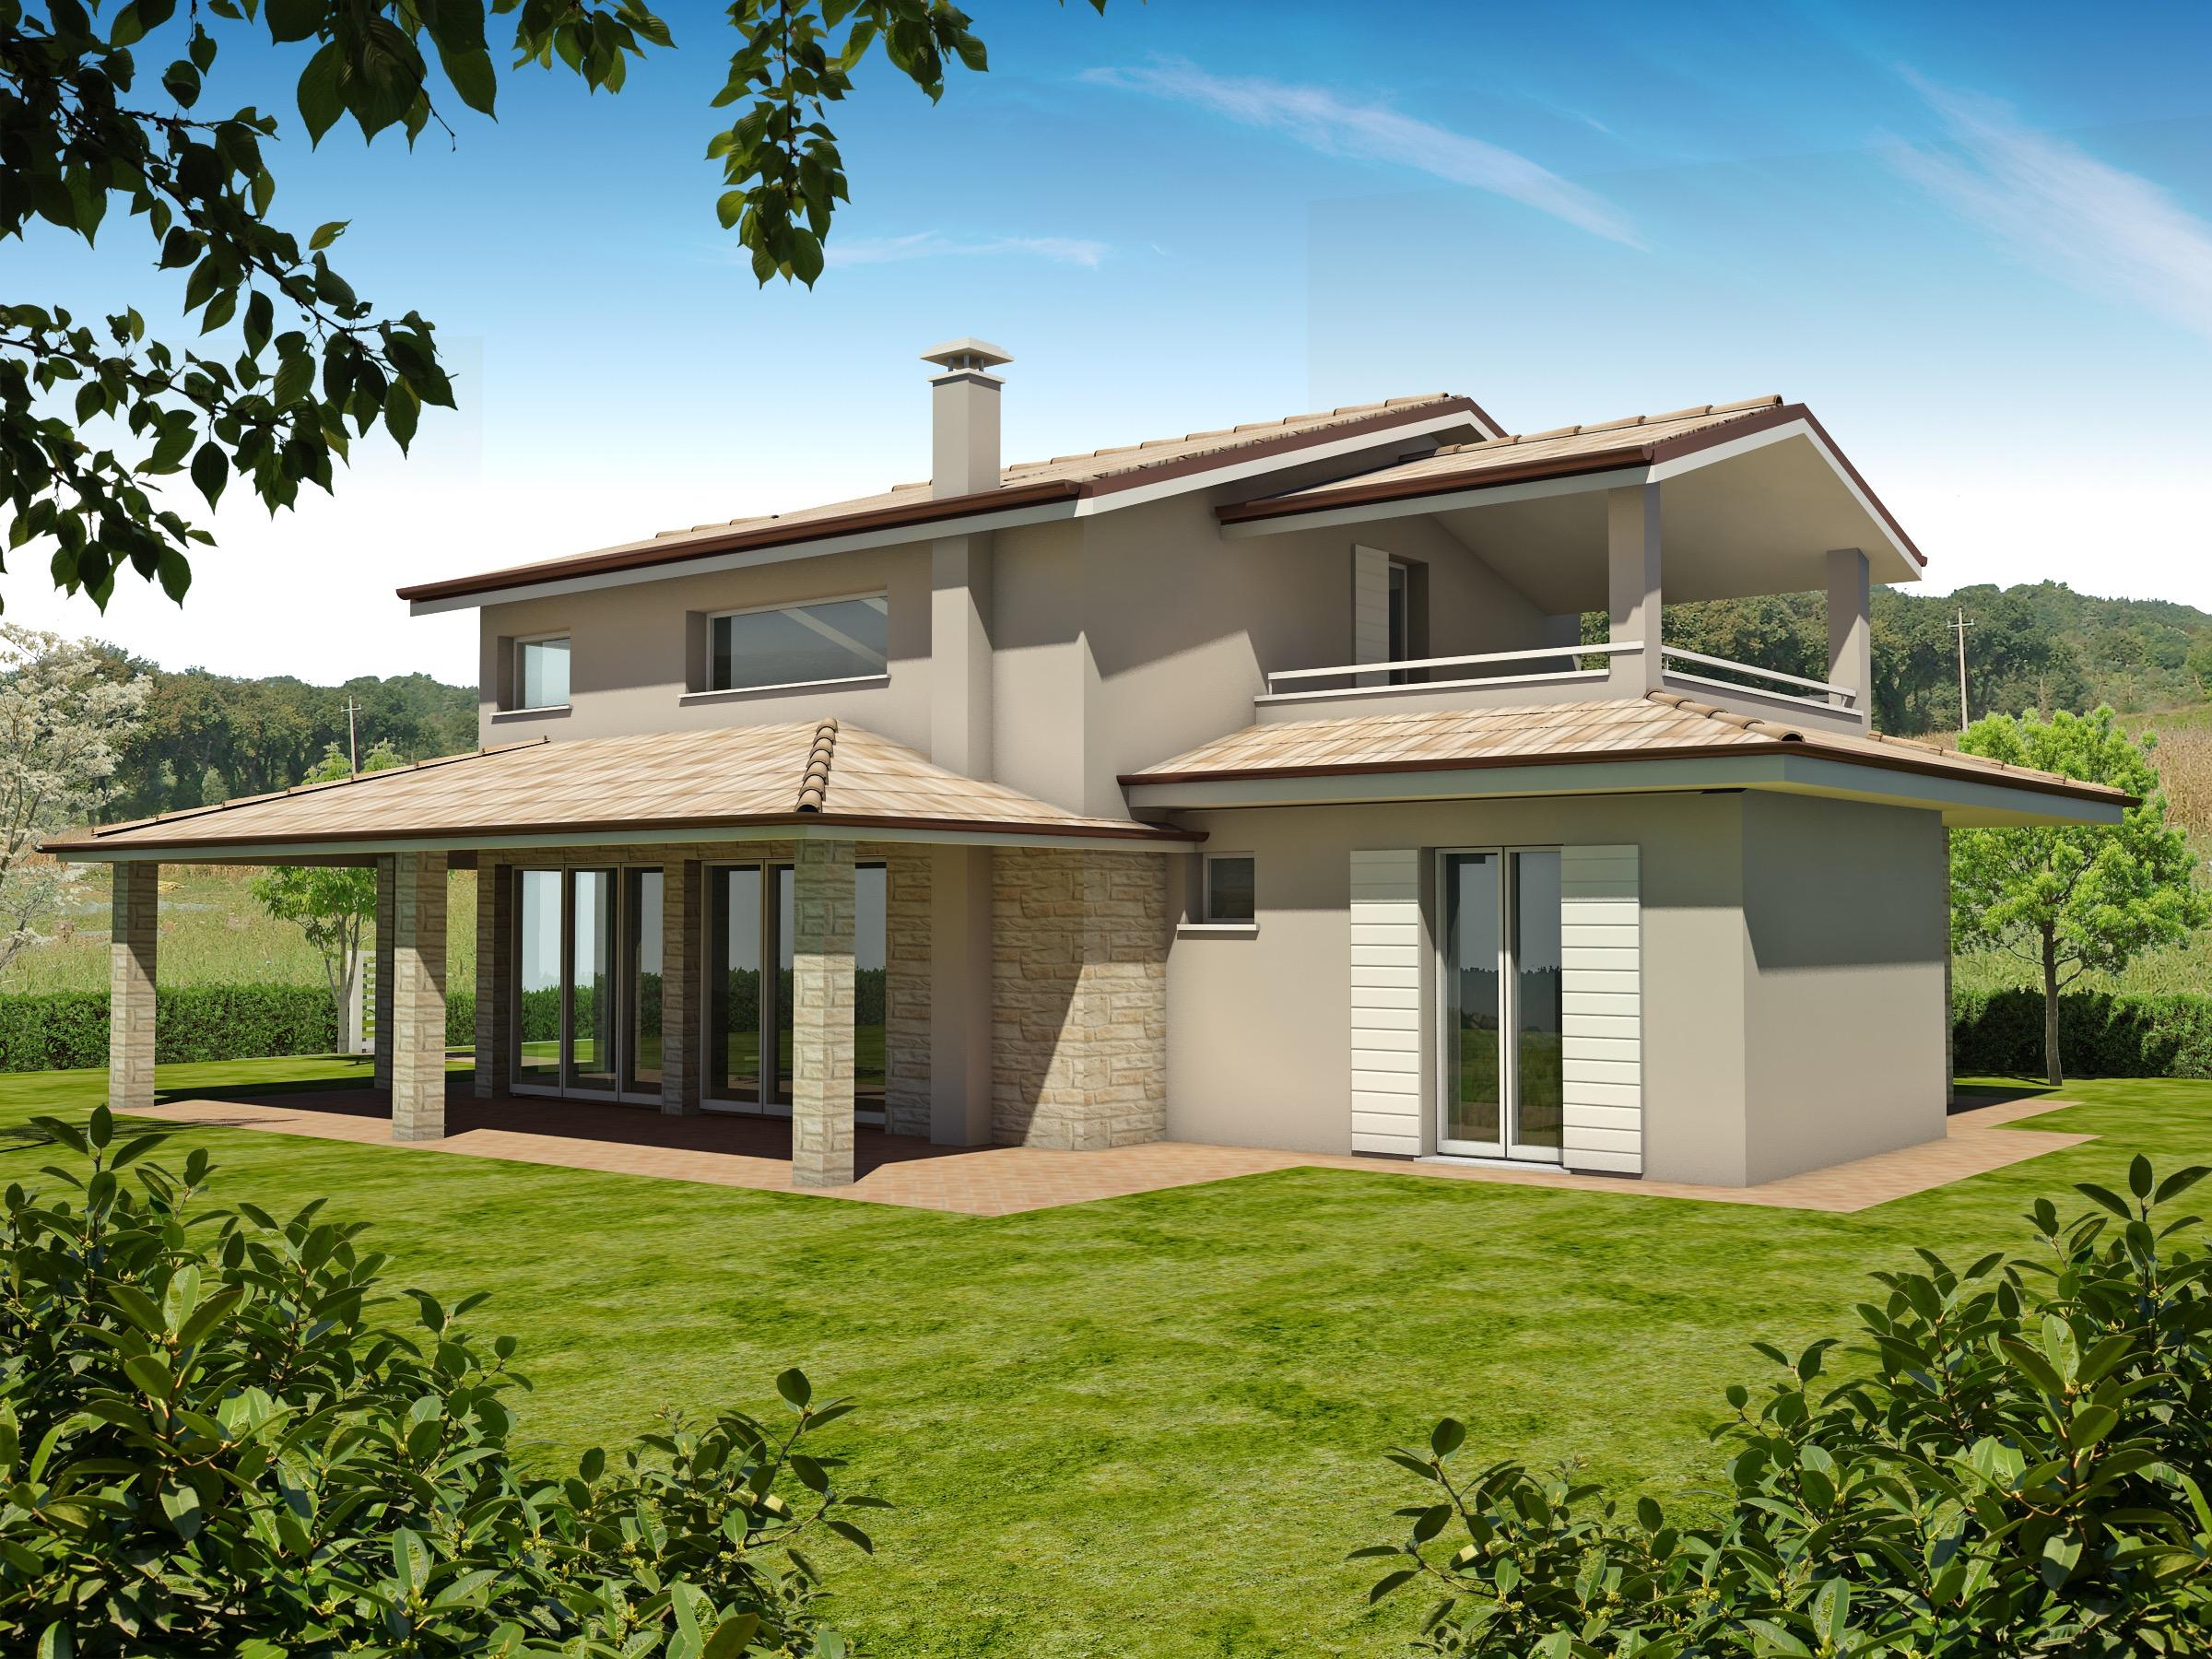 Elegant quanto costa una casa in legno solo euro la for Come risparmiare e risparmiare per una casa